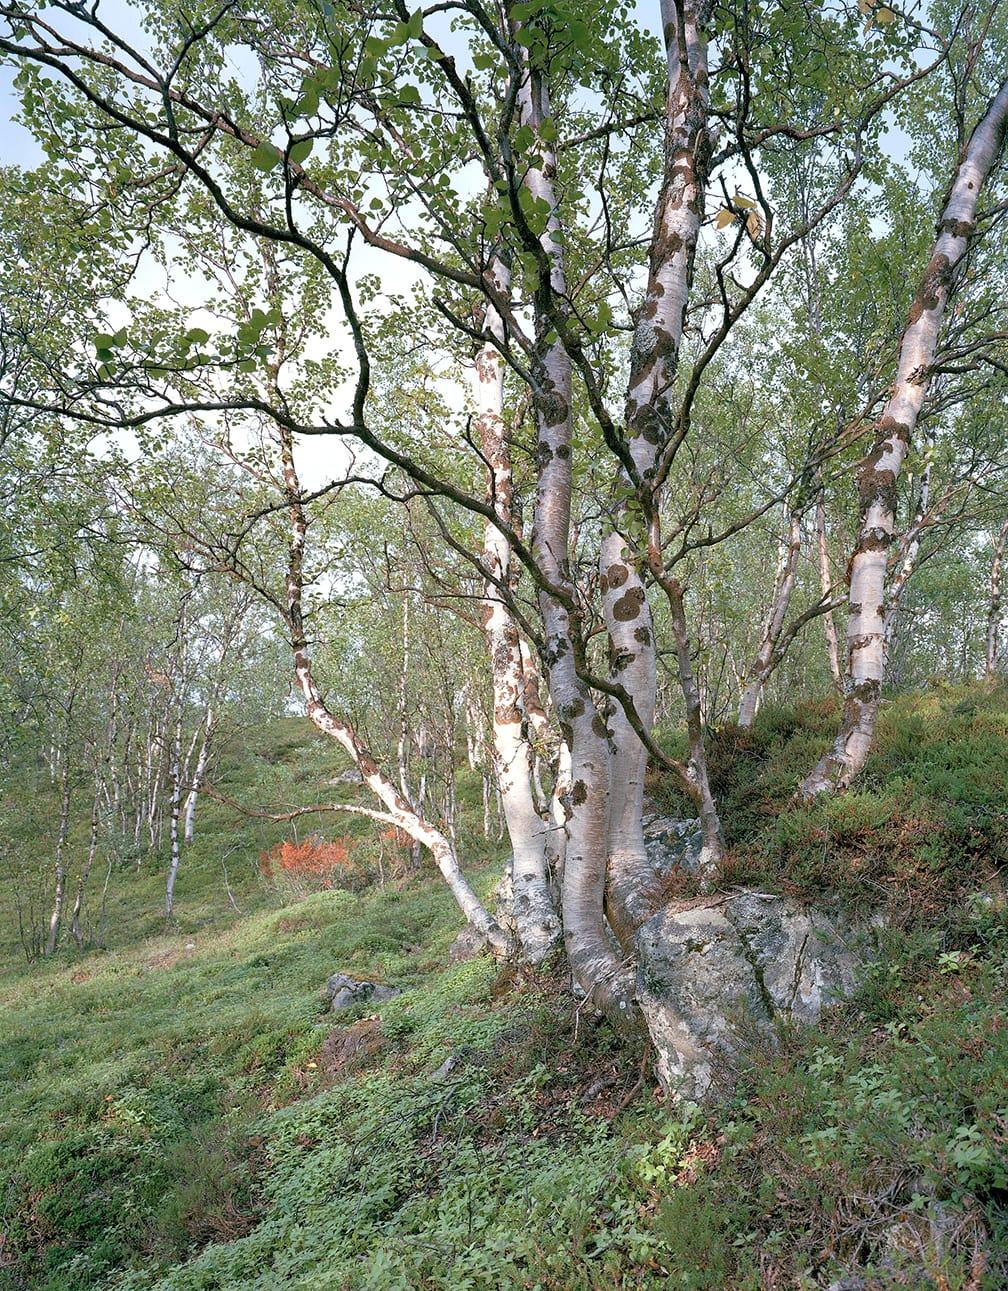 43. Birken bei Kåfjord I, Finnmark, 2012